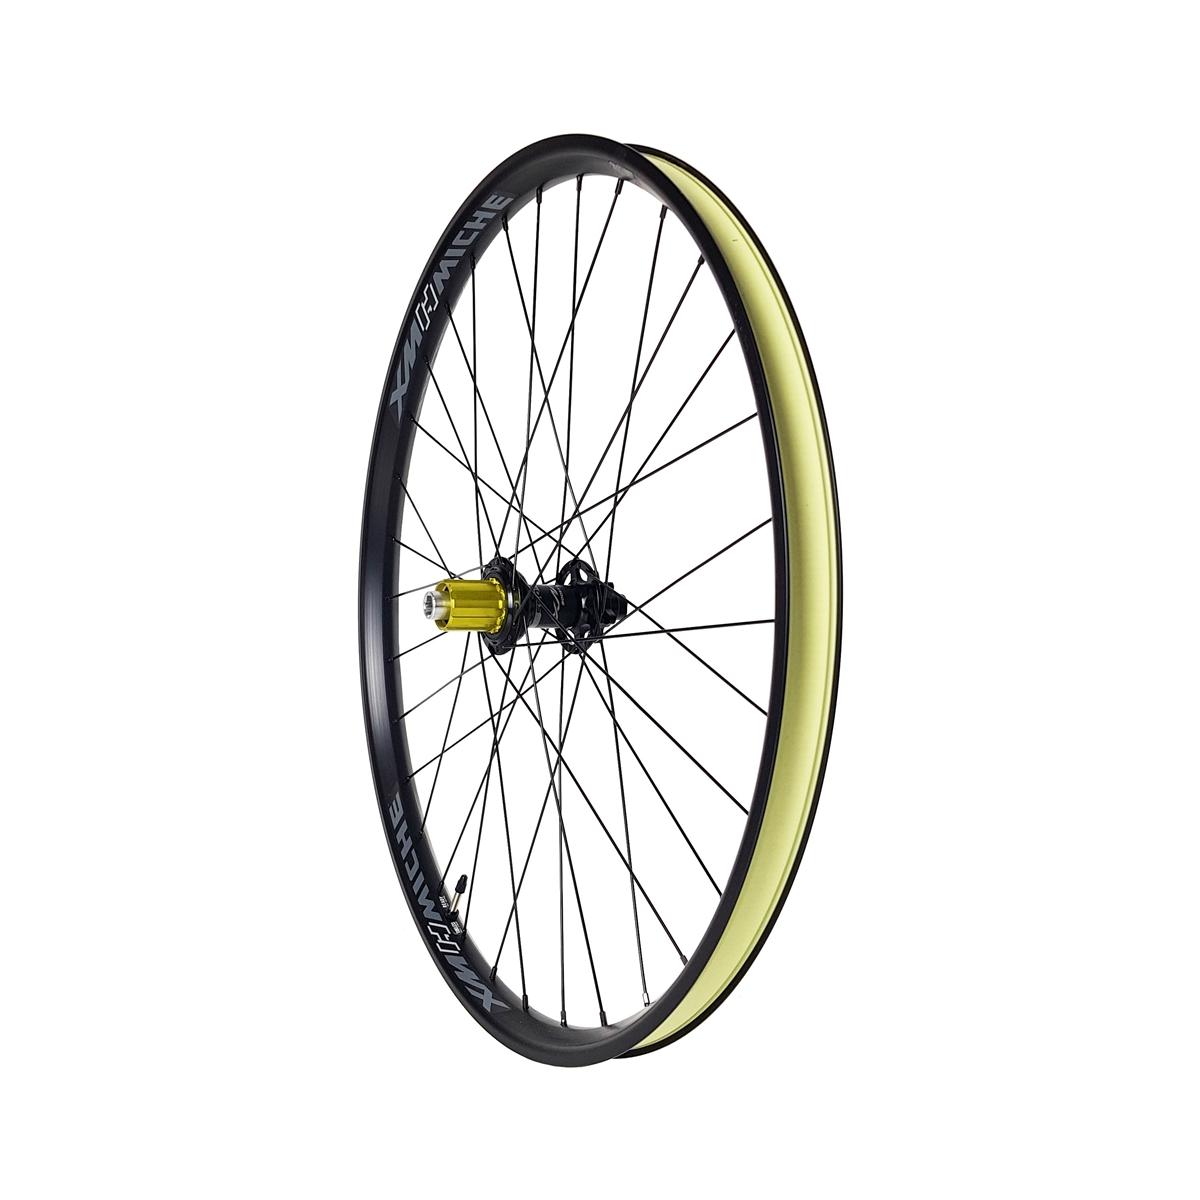 Rear Wheel Boost E-Bike 27.5'' XMH30 AXY 30mm Width 10/11s Tubeless Reasy Black